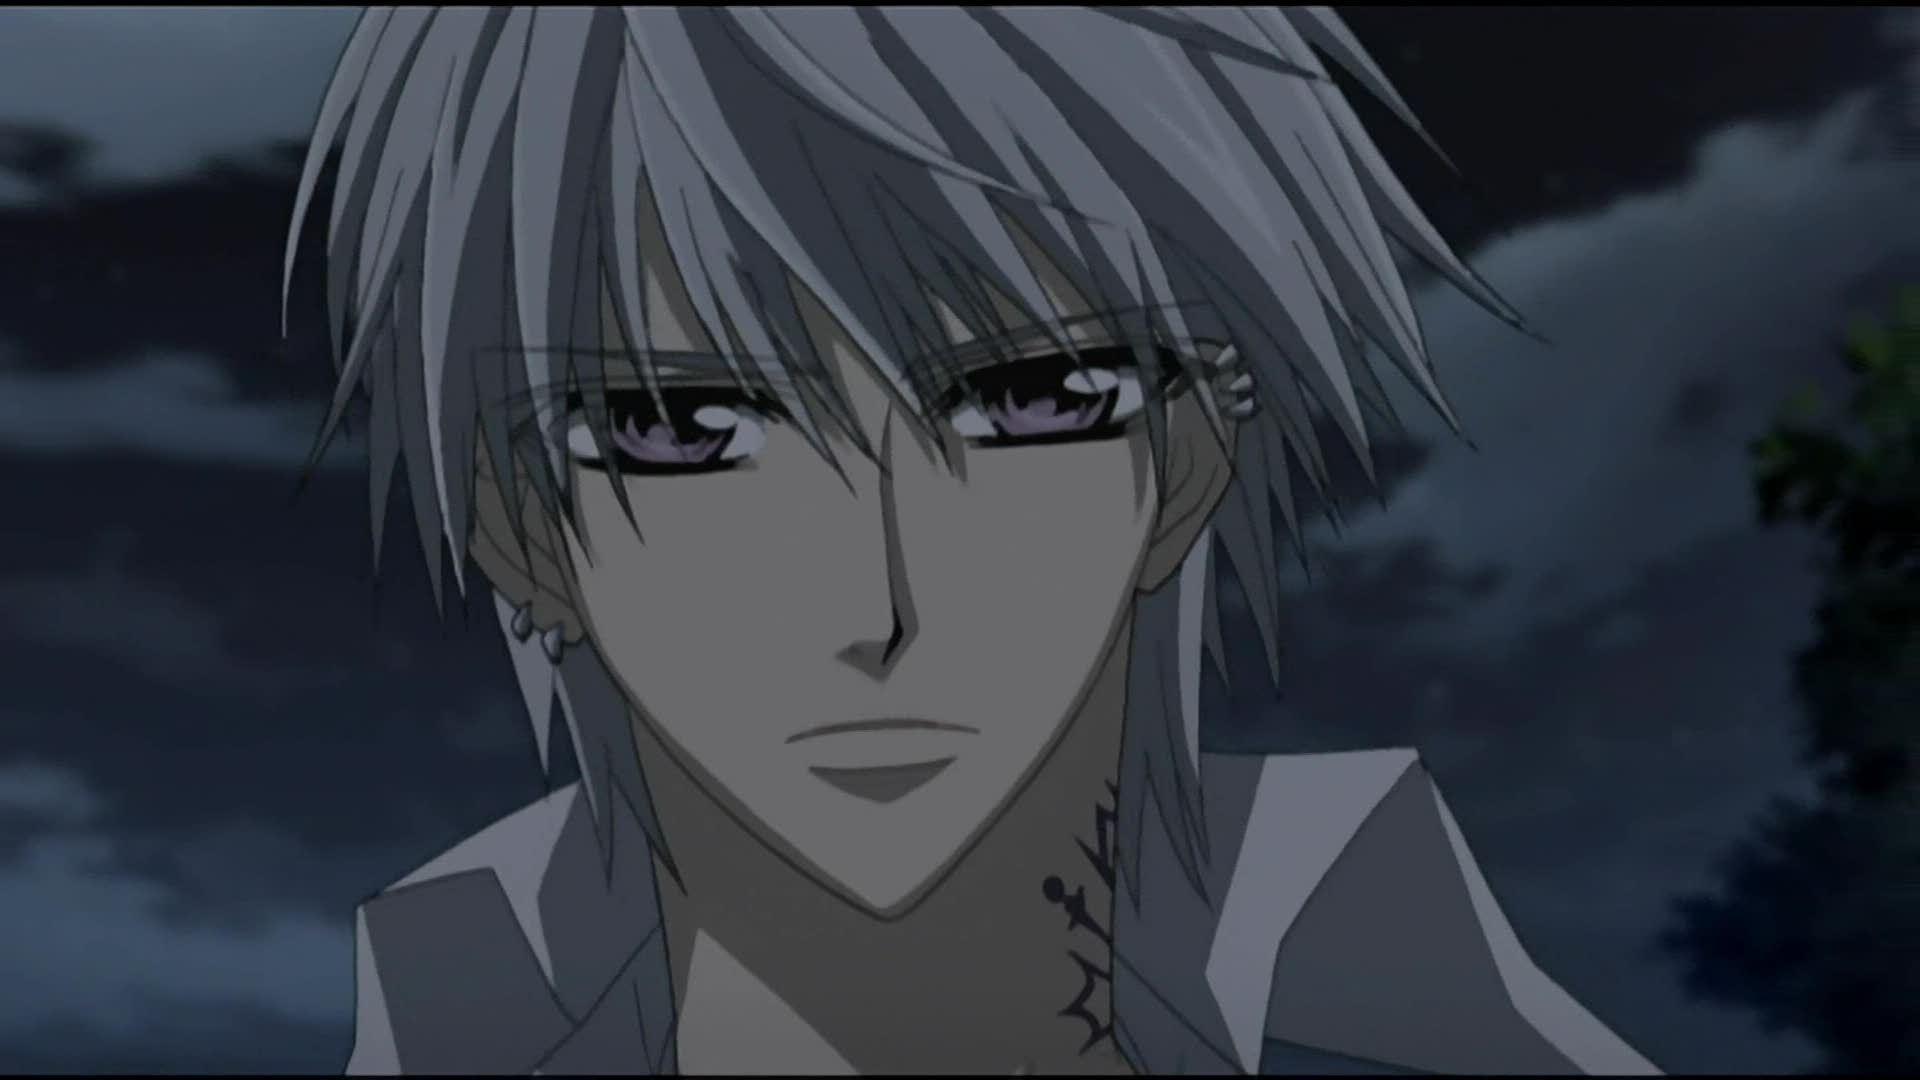 Zero-Kiryuu-In-Vampire-Knight-Guilty-Episode-1-Sinners-Of-Fate-anime-guys-20573756-1920-1080